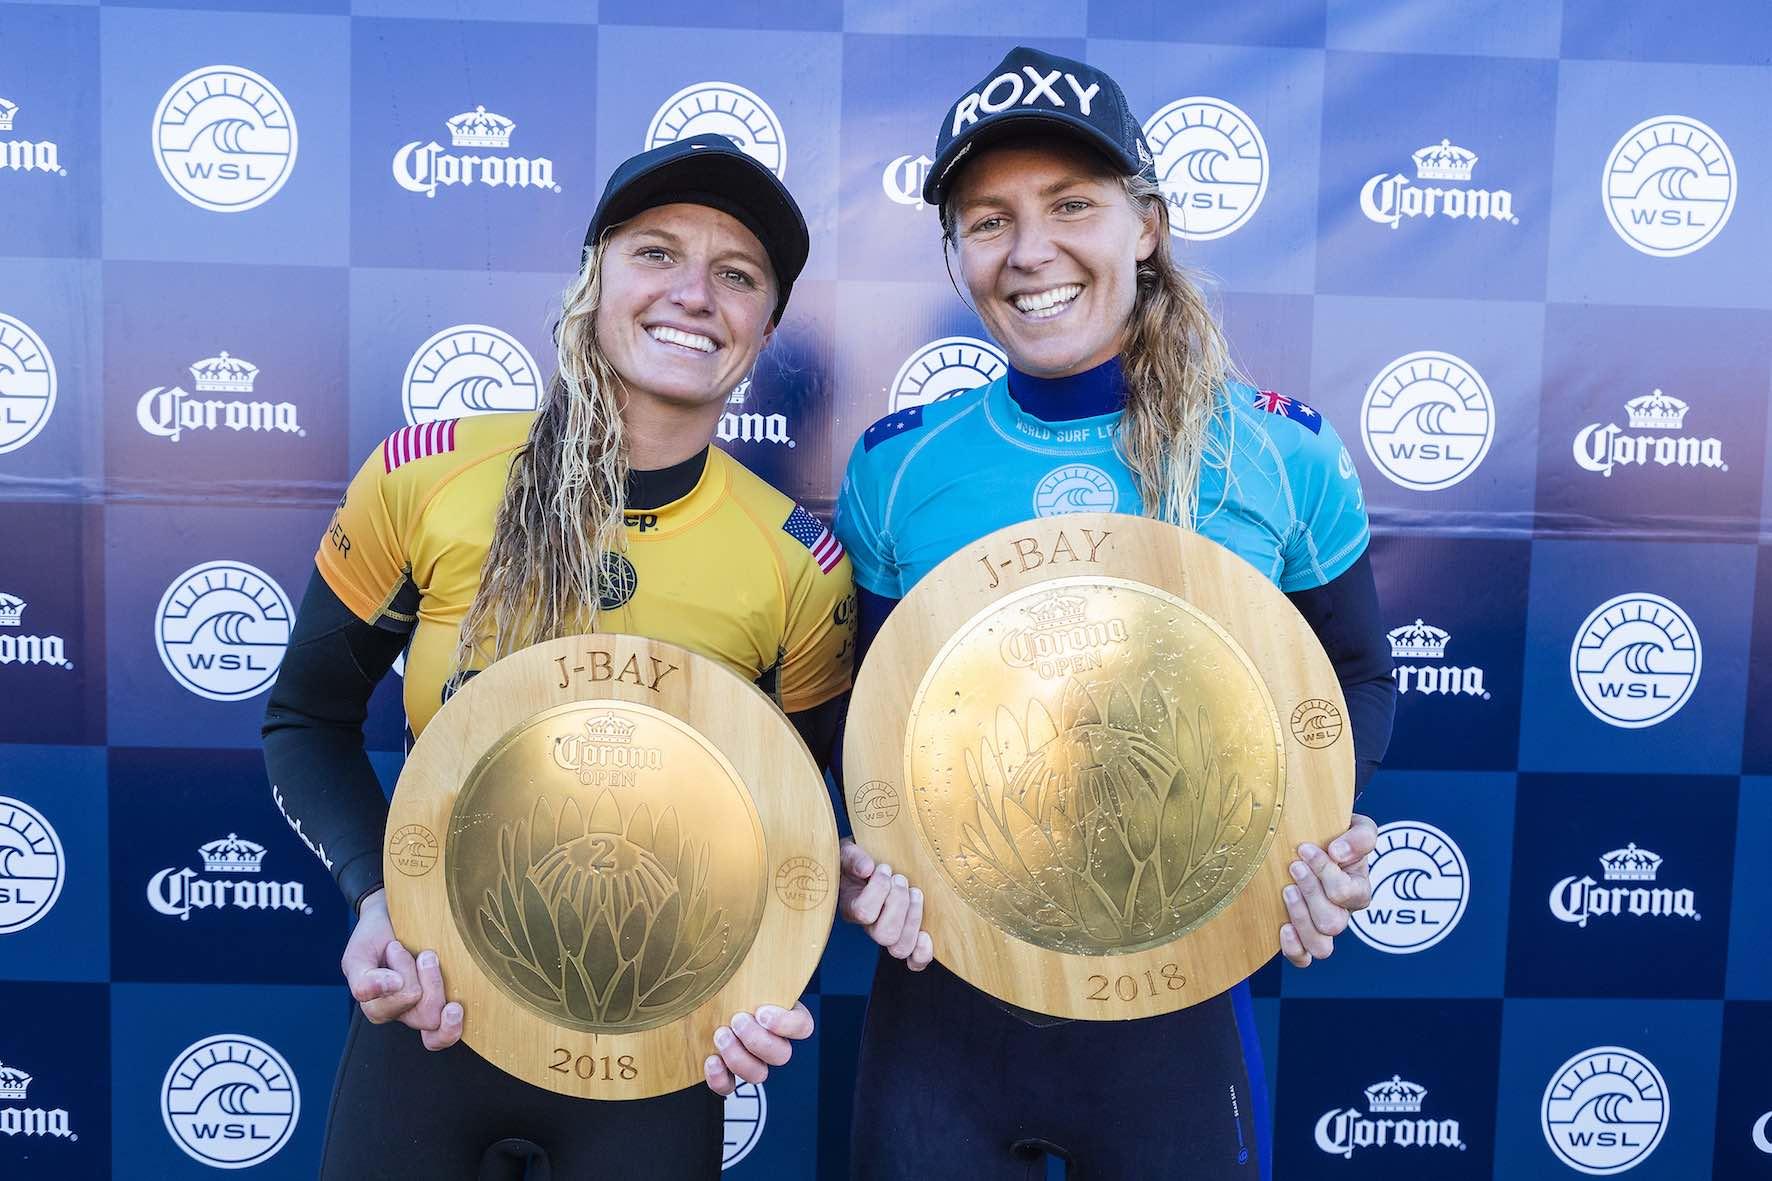 2018 Corona Open J-Bay Women's podium